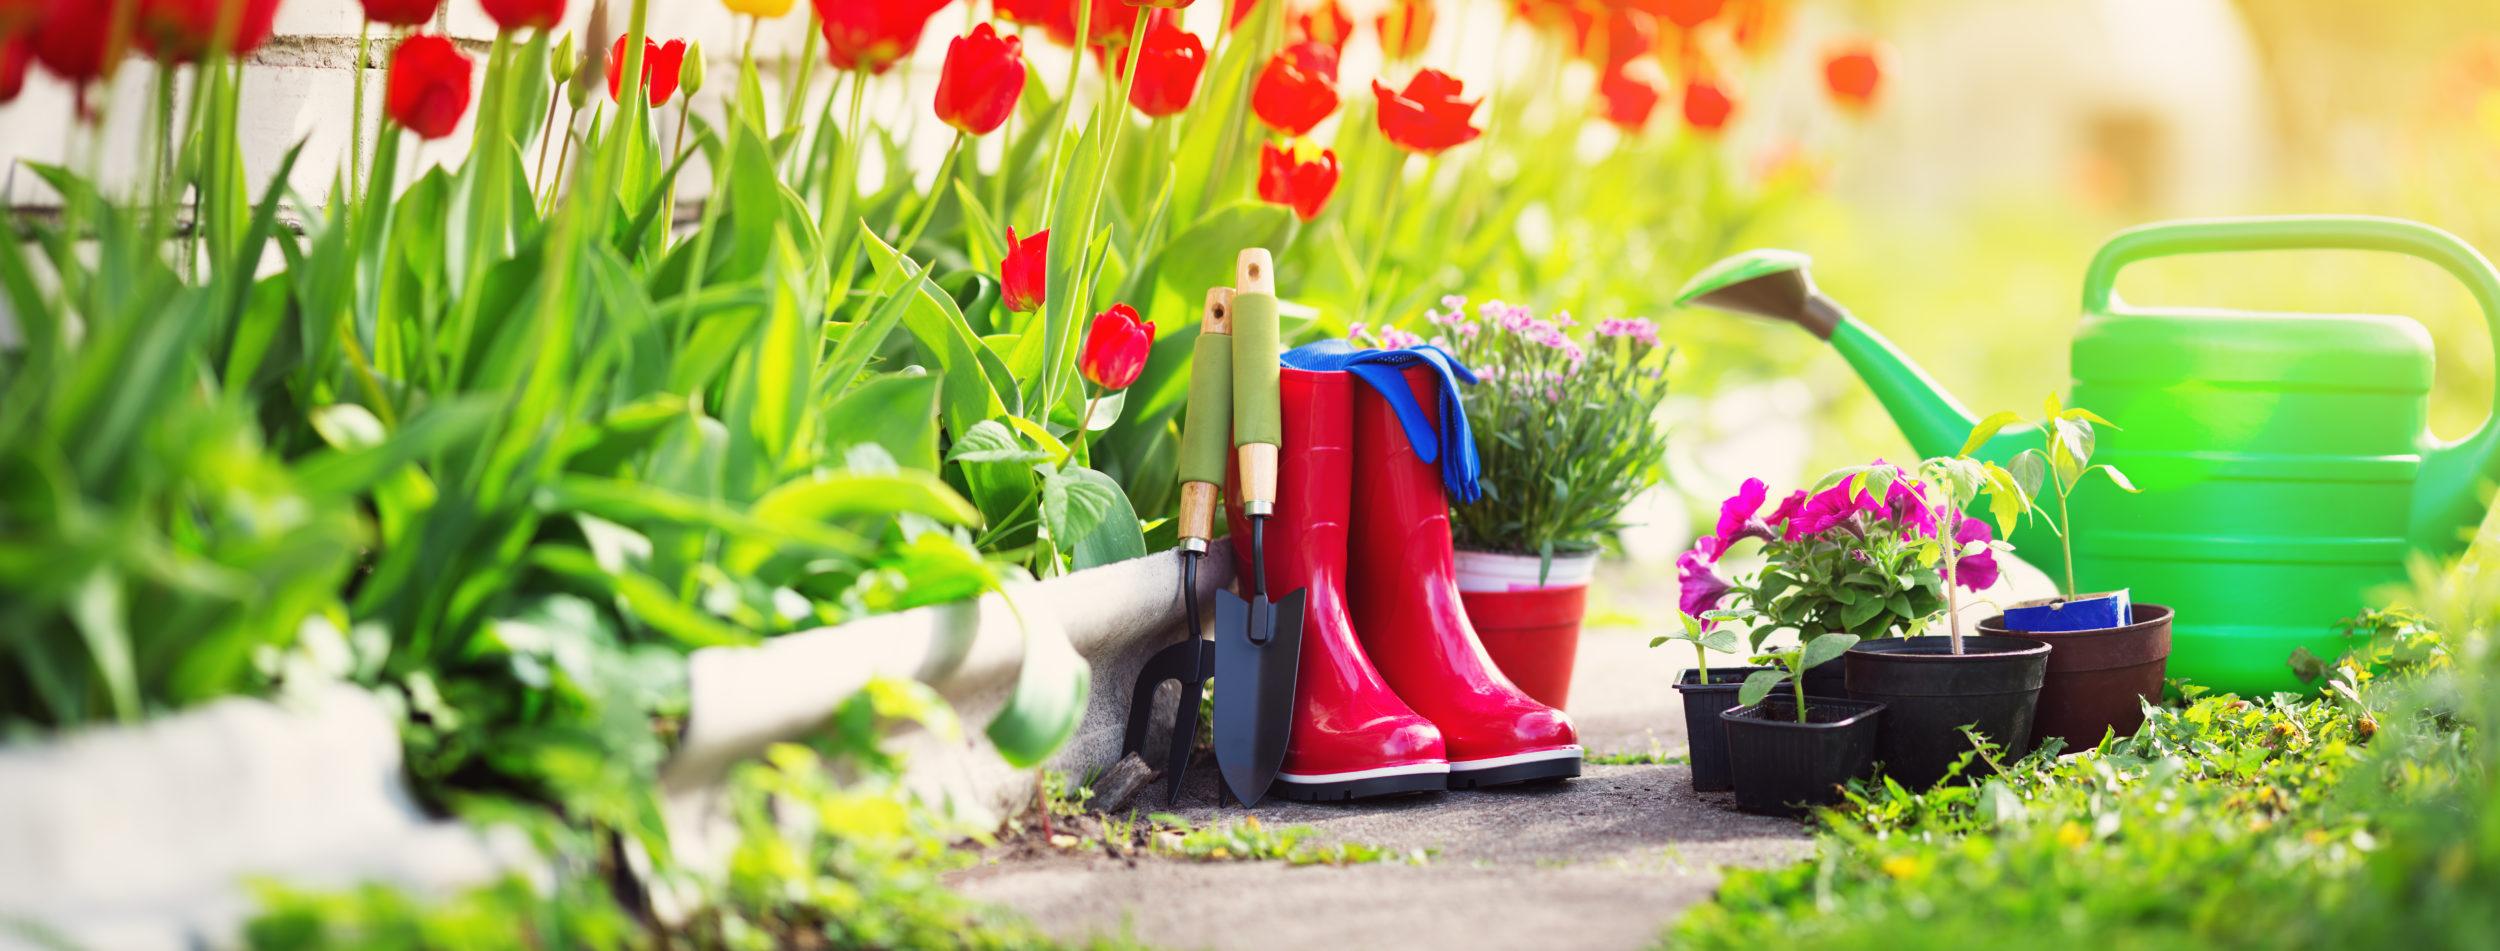 How to Start a Garden: Part 1